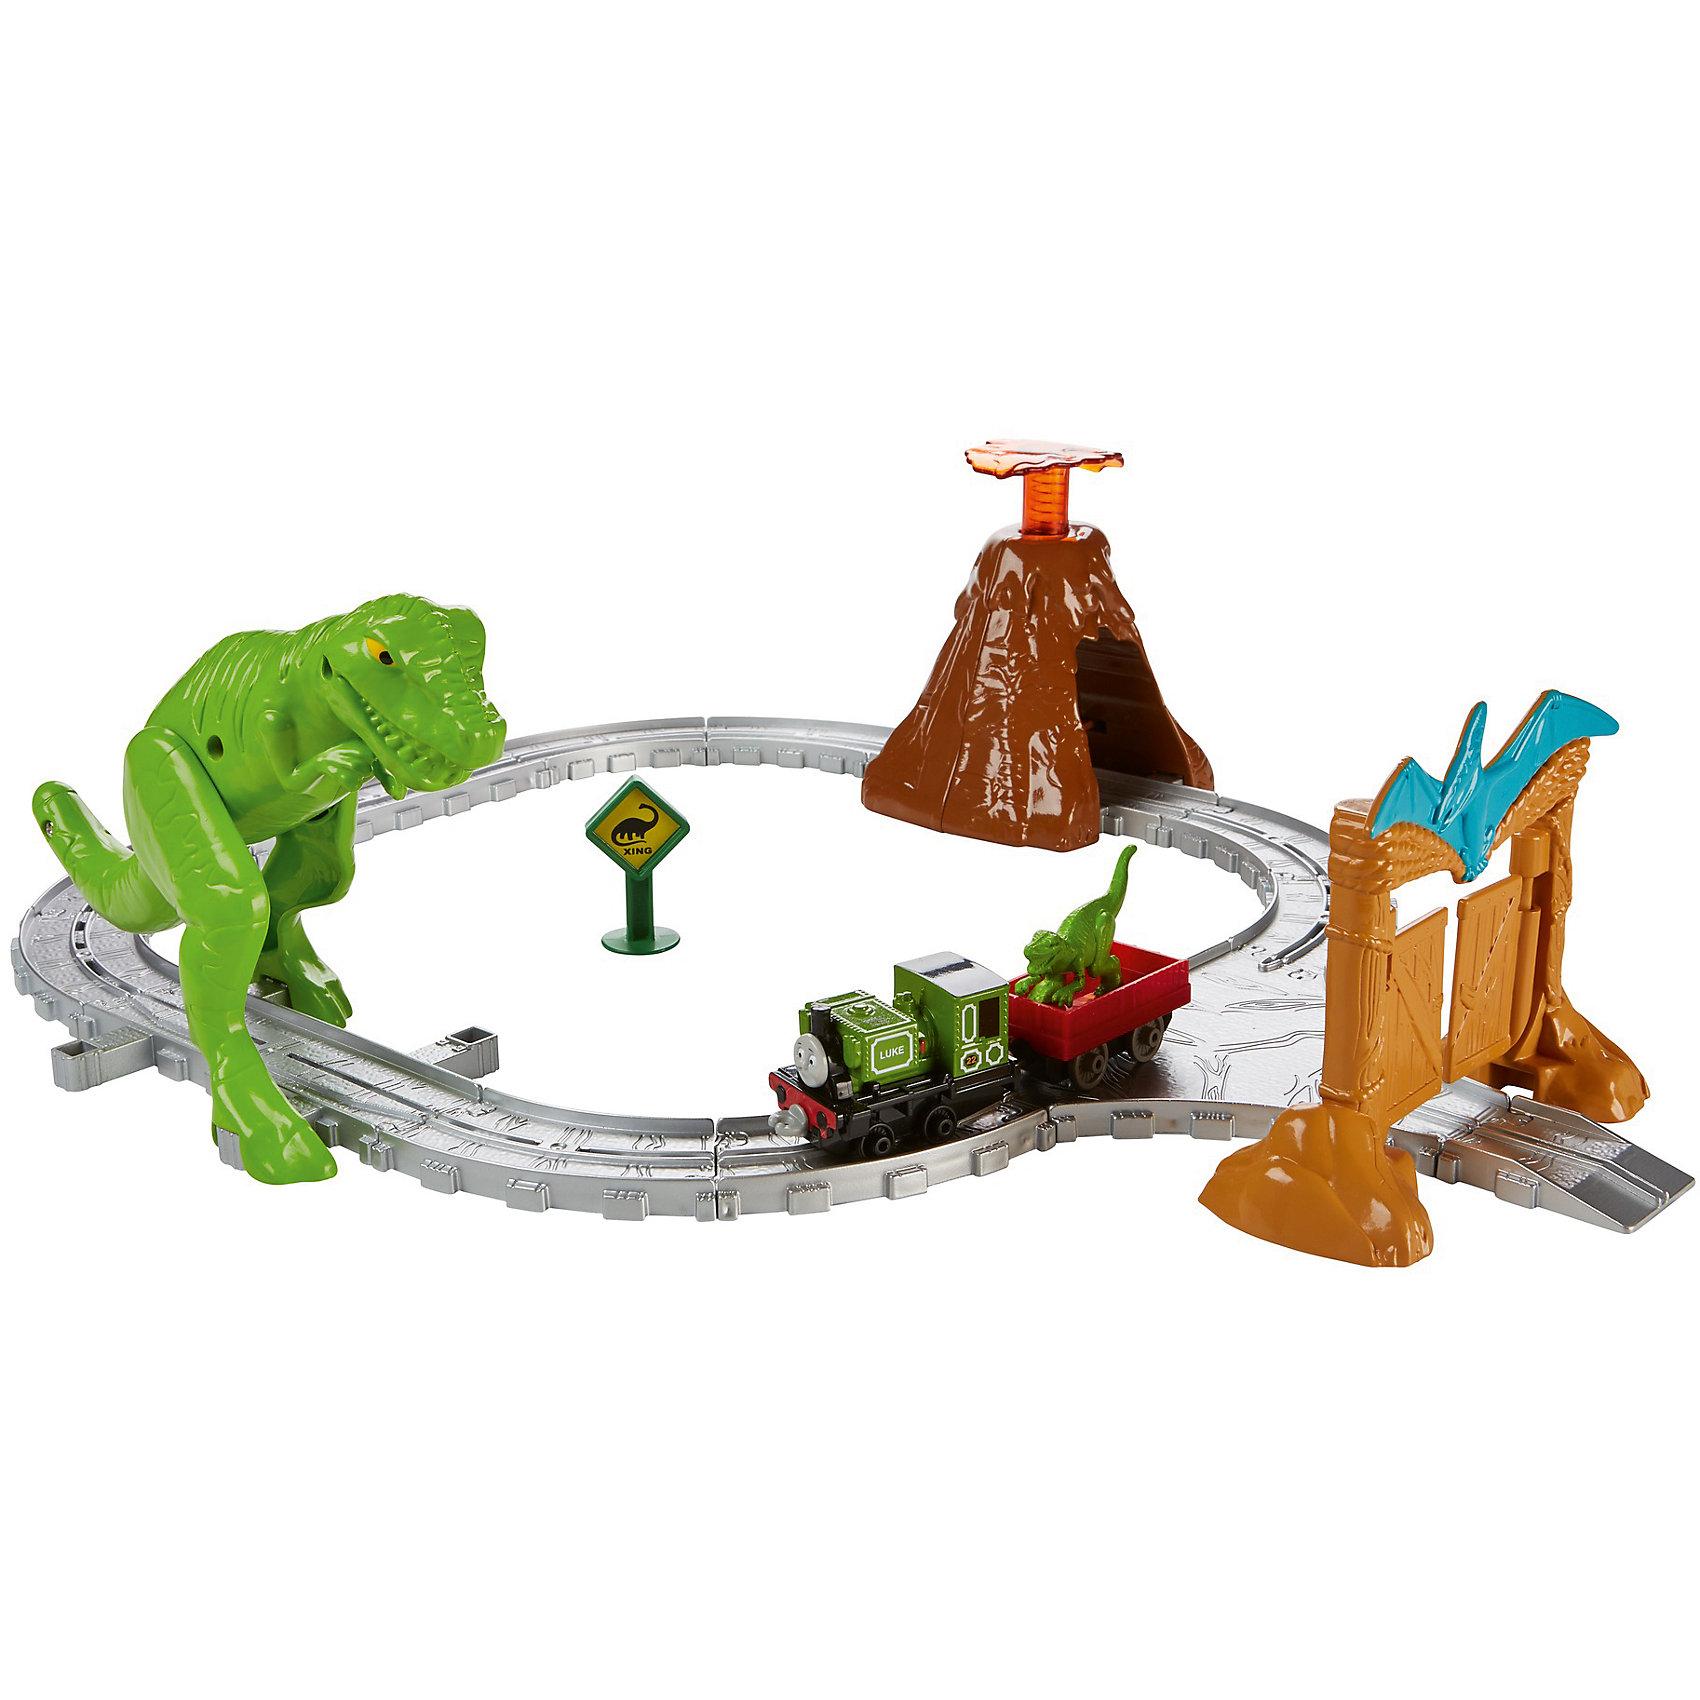 Игровой набор Томас и его друзья Парк динозавровИгрушечная железная дорога<br>Характеристики товара:<br><br>• возраст: от 3 лет<br>• материал: пластик;<br>• размер упаковки: 26X20,5X6<br>• страна бренда: США<br><br>Люк хочет доставить особый груз в парк динозавров Эрла... но ночью накануне ему приснился сон, будто вместо окаменелостей он отправил настоящих живых динозавров! <br><br>Во сне Люк совершает путешествие, чтобы доставить малыша-динозавра его маме, сталкивается лицом к лицу с разъяренным тираннозавром и пытается убежать от извержения вулкана! Вулкан может «извергаться». Эффекты активируются, когда дети катают поезда по рельсам. Набор также включает большие ворота парка. <br><br>С игрушками серии «Приключения Томаса и его друзей™» ваш малыш отправится с Томасом туда, куда укажет его воображение!<br><br>Игровой набор Томас и его друзья Парк динозавров можно купить в нашем интернет-магазине.<br><br>Ширина мм: 280<br>Глубина мм: 95<br>Высота мм: 360<br>Вес г: 957<br>Возраст от месяцев: 36<br>Возраст до месяцев: 2147483647<br>Пол: Унисекс<br>Возраст: Детский<br>SKU: 7014745